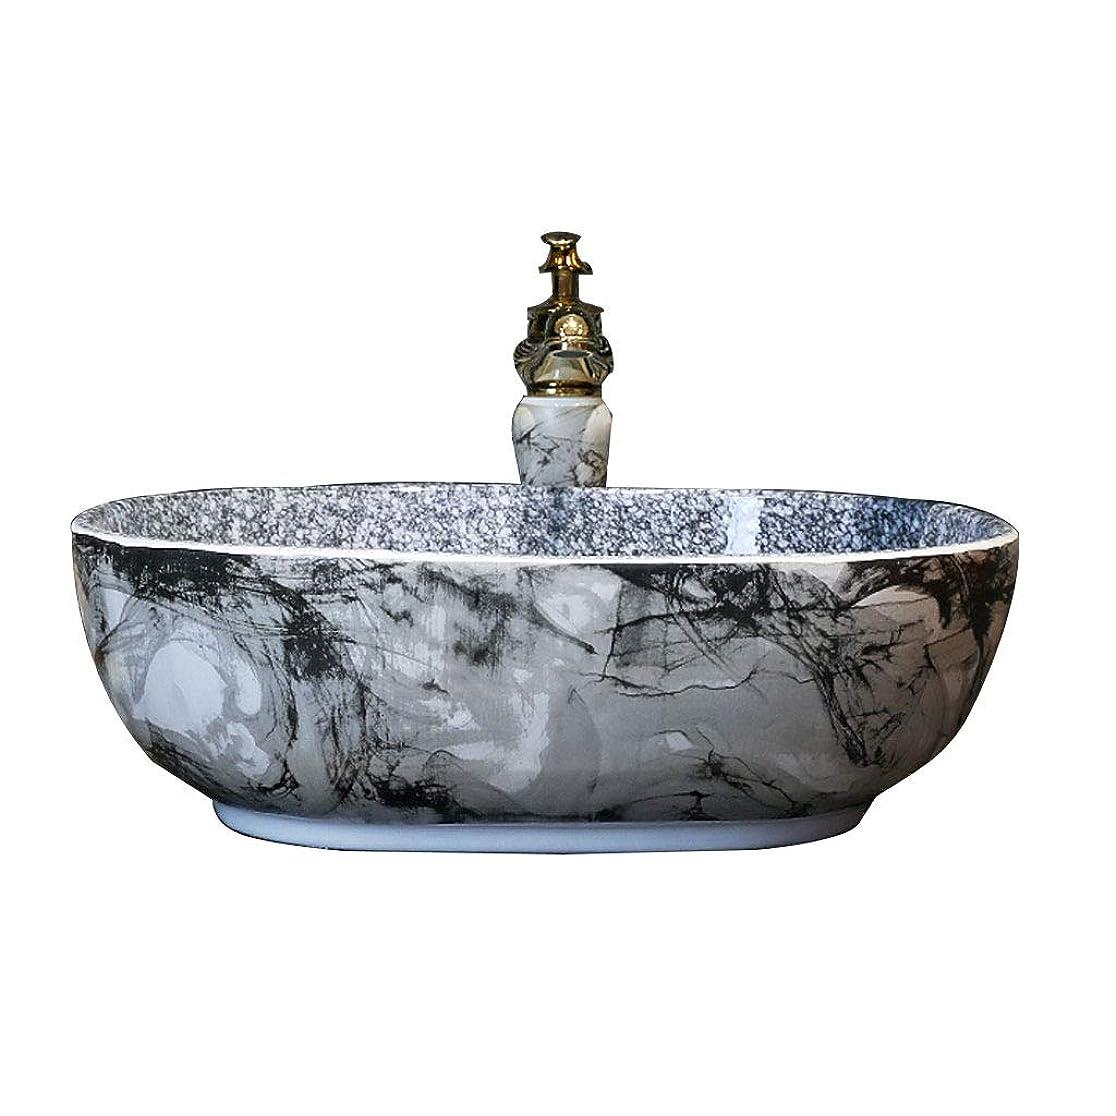 失態小麦ロケーションXiuHUa バスルームの洗面台バルコニー洗濯プールバスルーム洗面480x390x150mmの浴室の洗面小さなアパートのホームセンターシンプルなセラミック ホームセンター (Color : A)